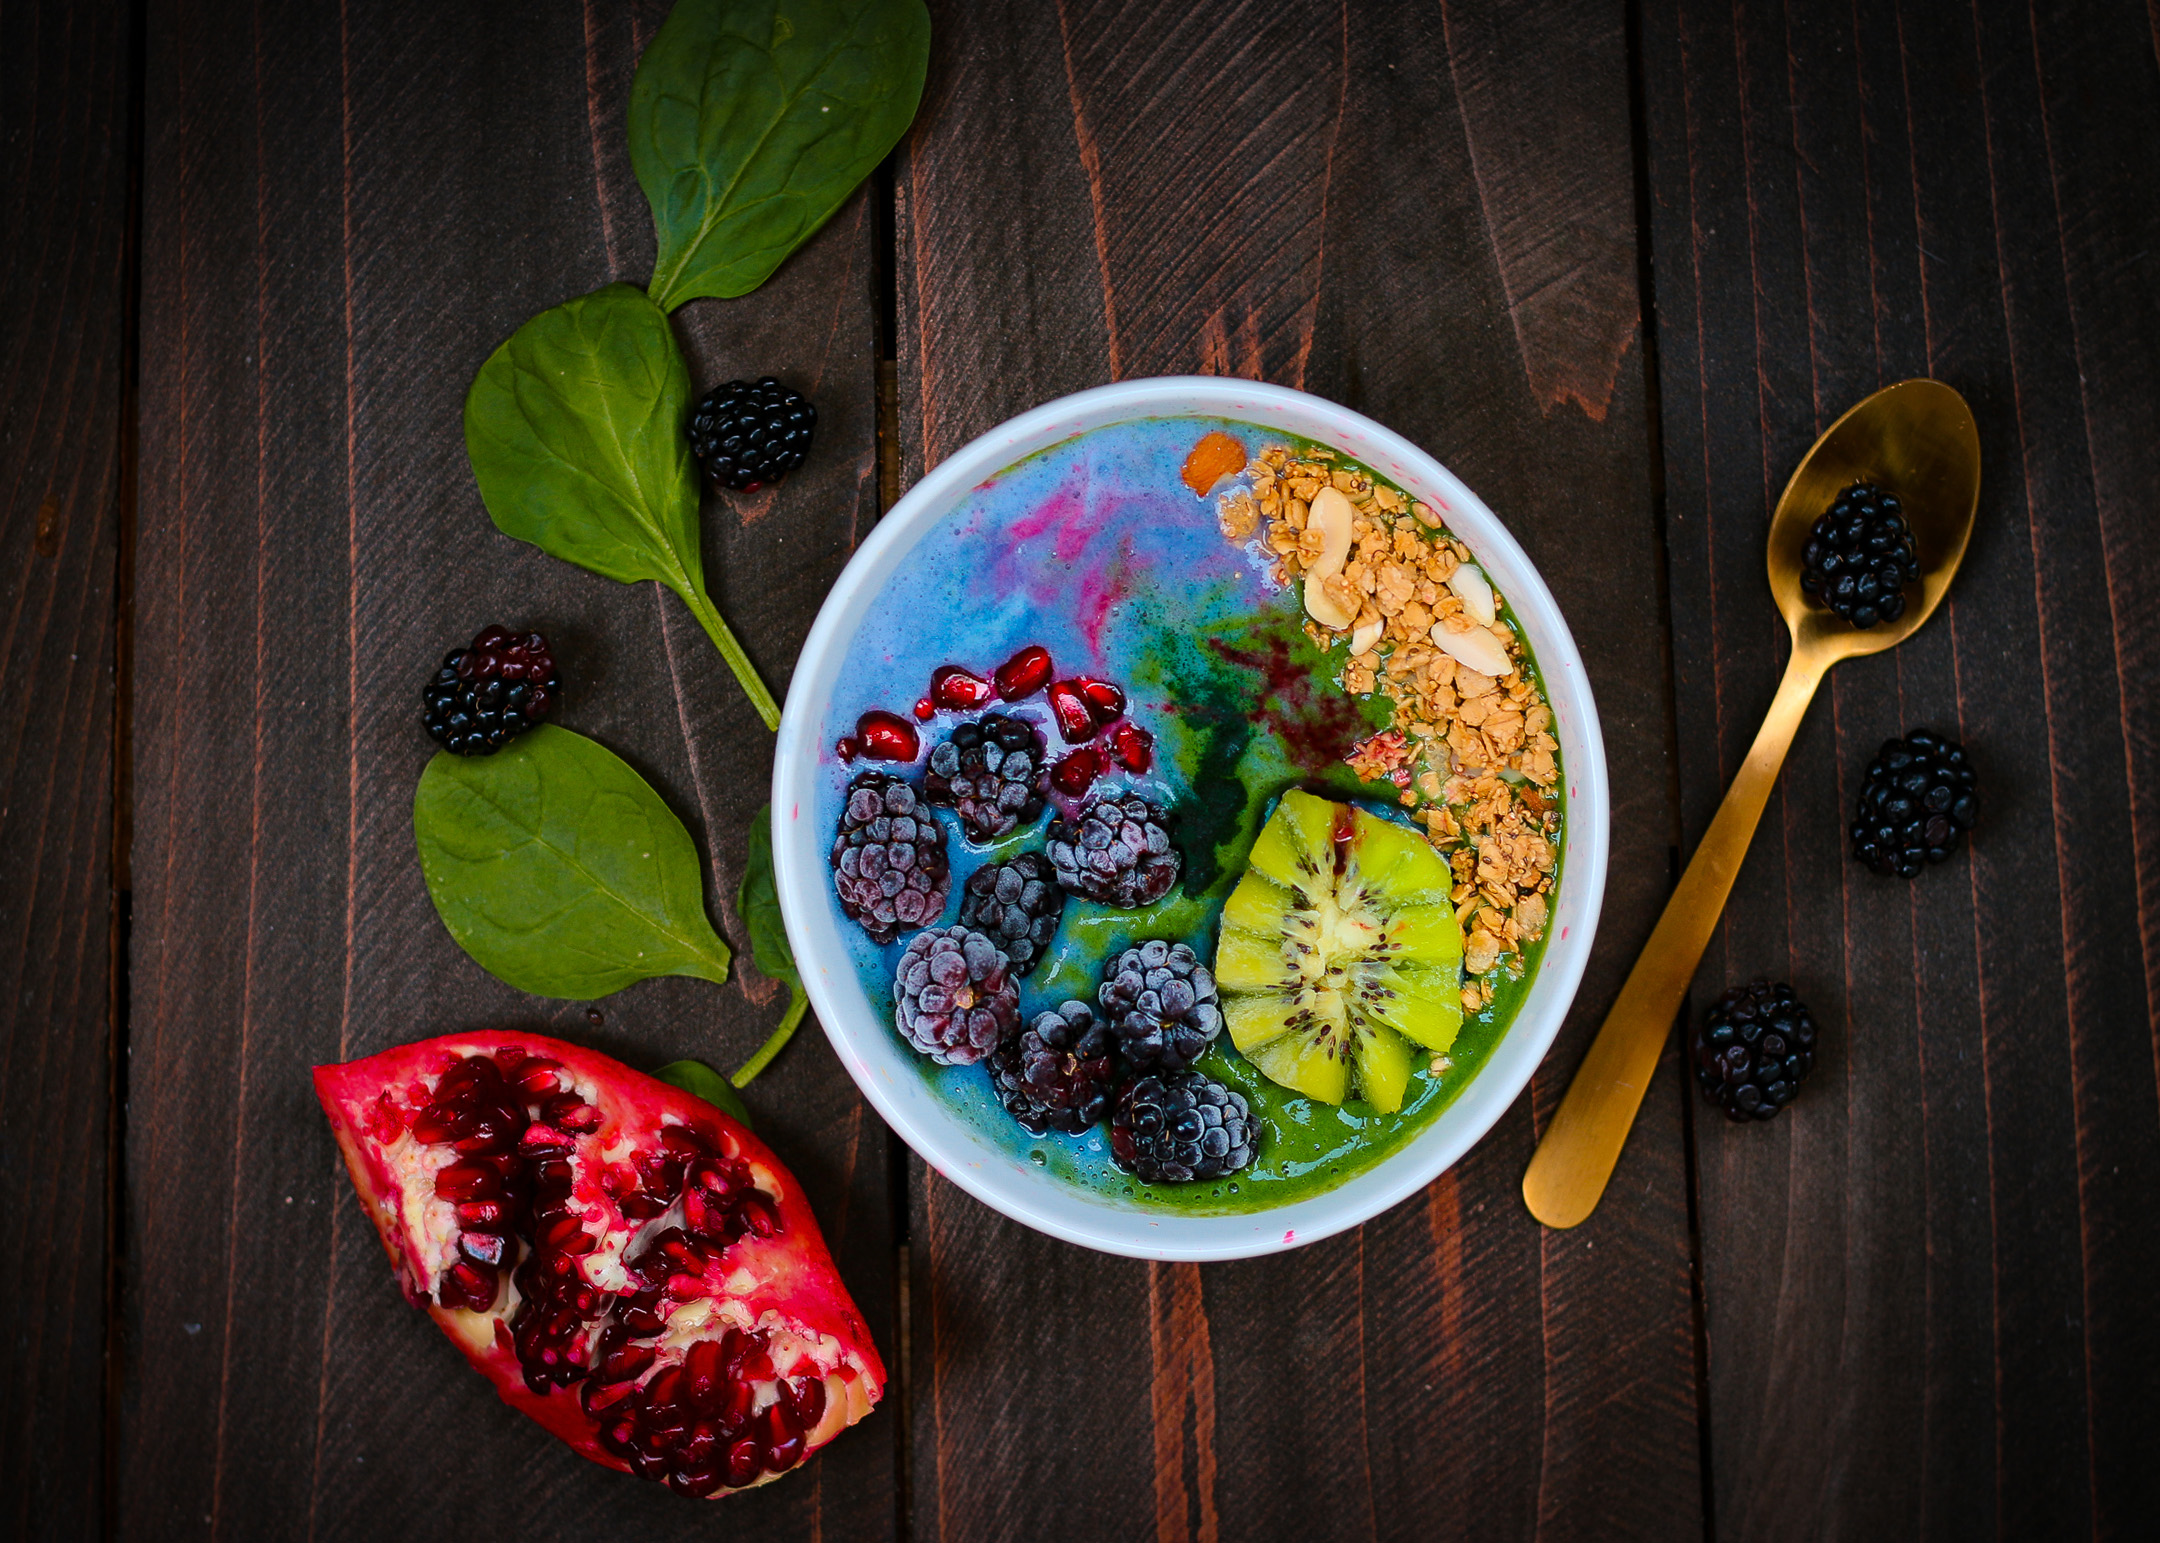 Manger pour prendre votre santé en main